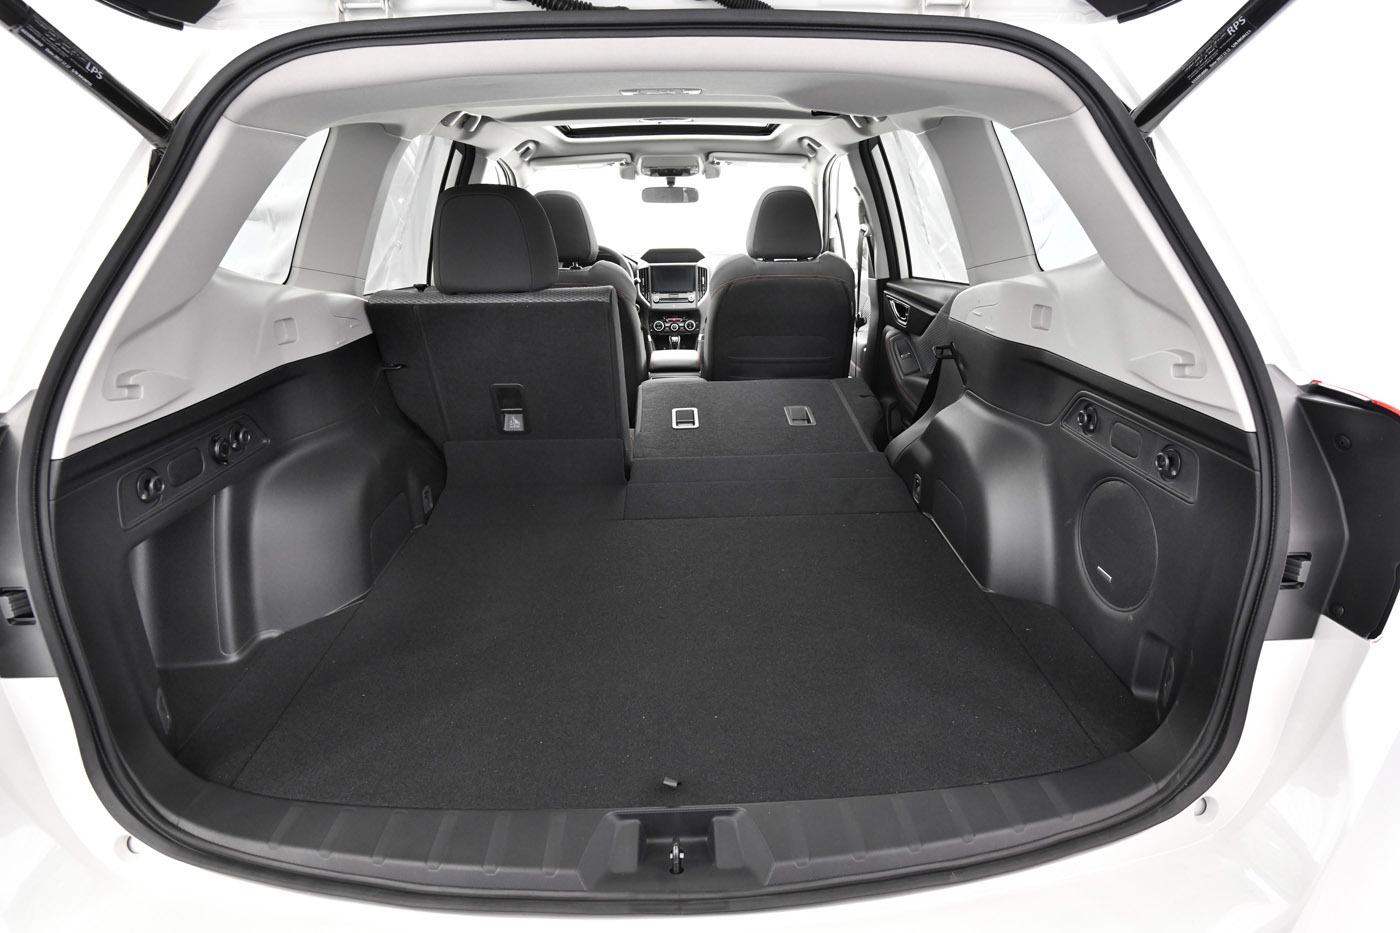 広く、使いやすくなったラゲッジルーム。SUVとバンとのクロスオーバー化が進む